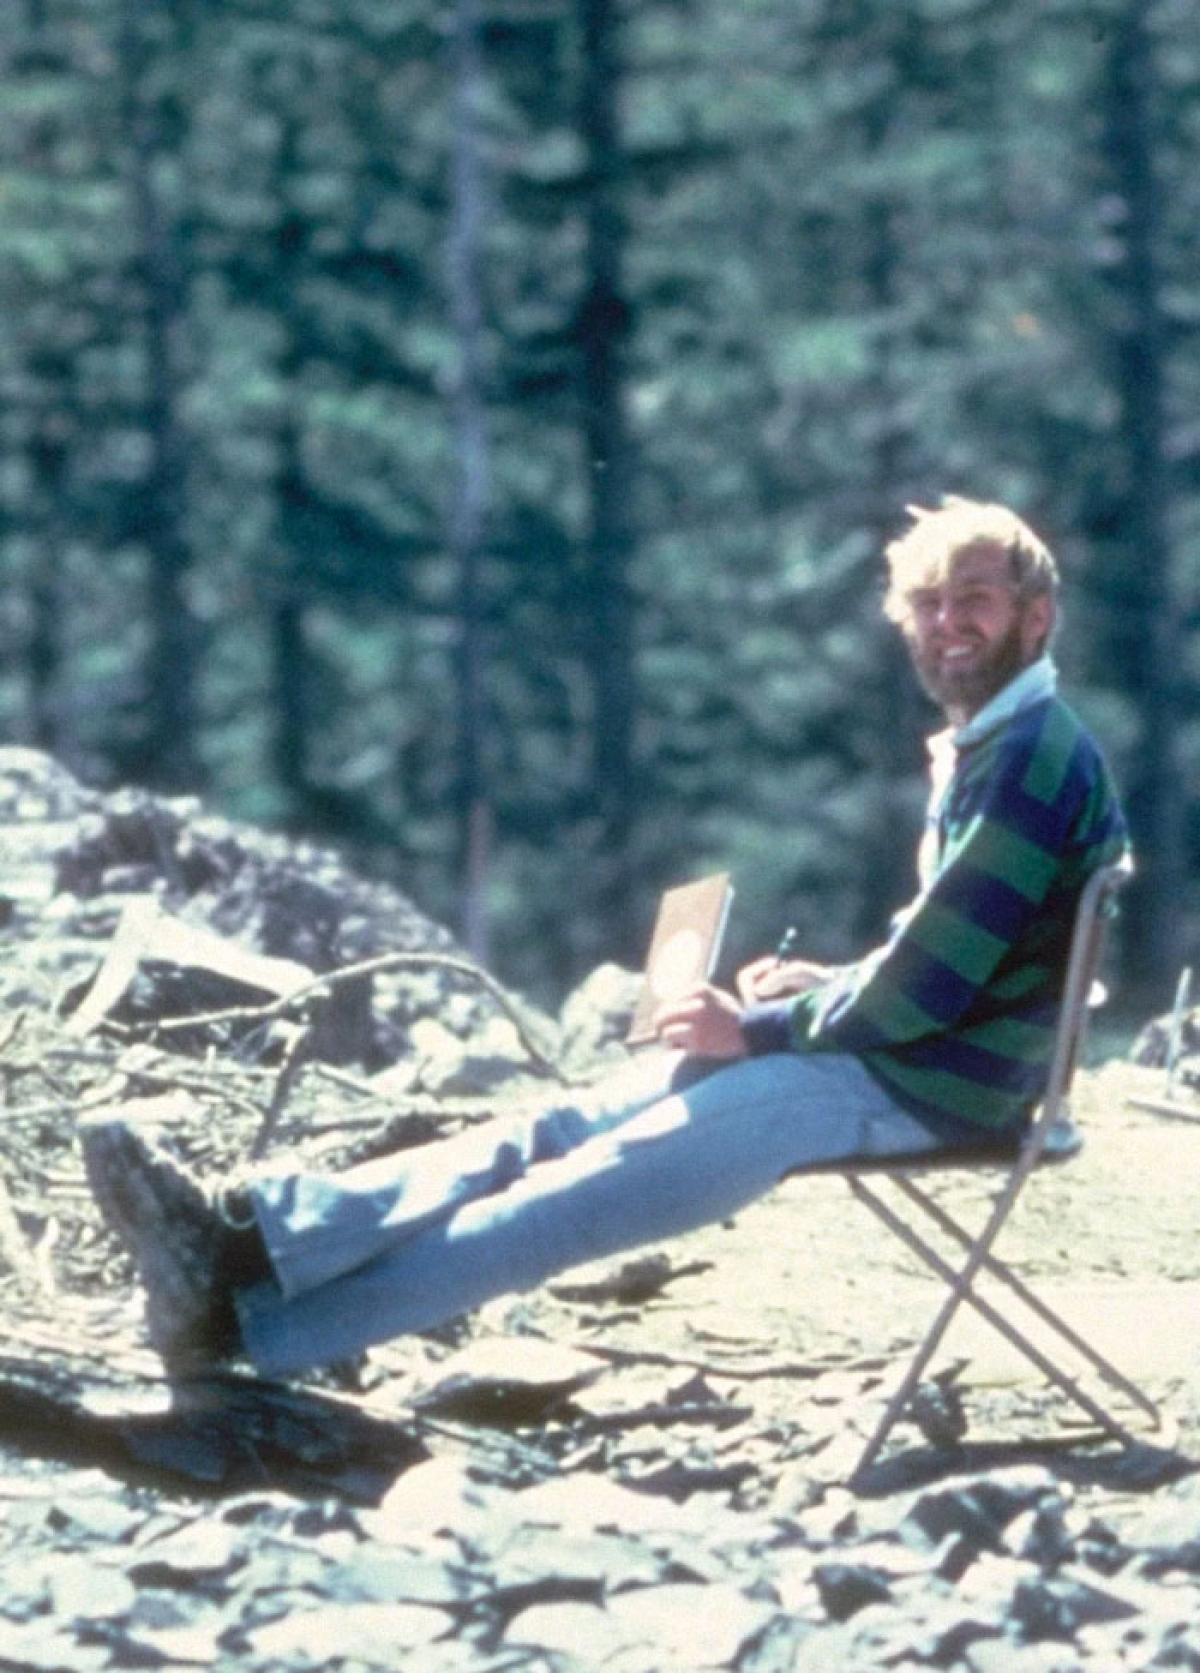 13 tiếng sau khi chụp bức ảnh này, nhà nghiên cứu núi lửa người Mỹ David A. Johnston và 56 người khác đã thiệt mạng trong vụ núi lửa phun trào ngày 18/5/1980.